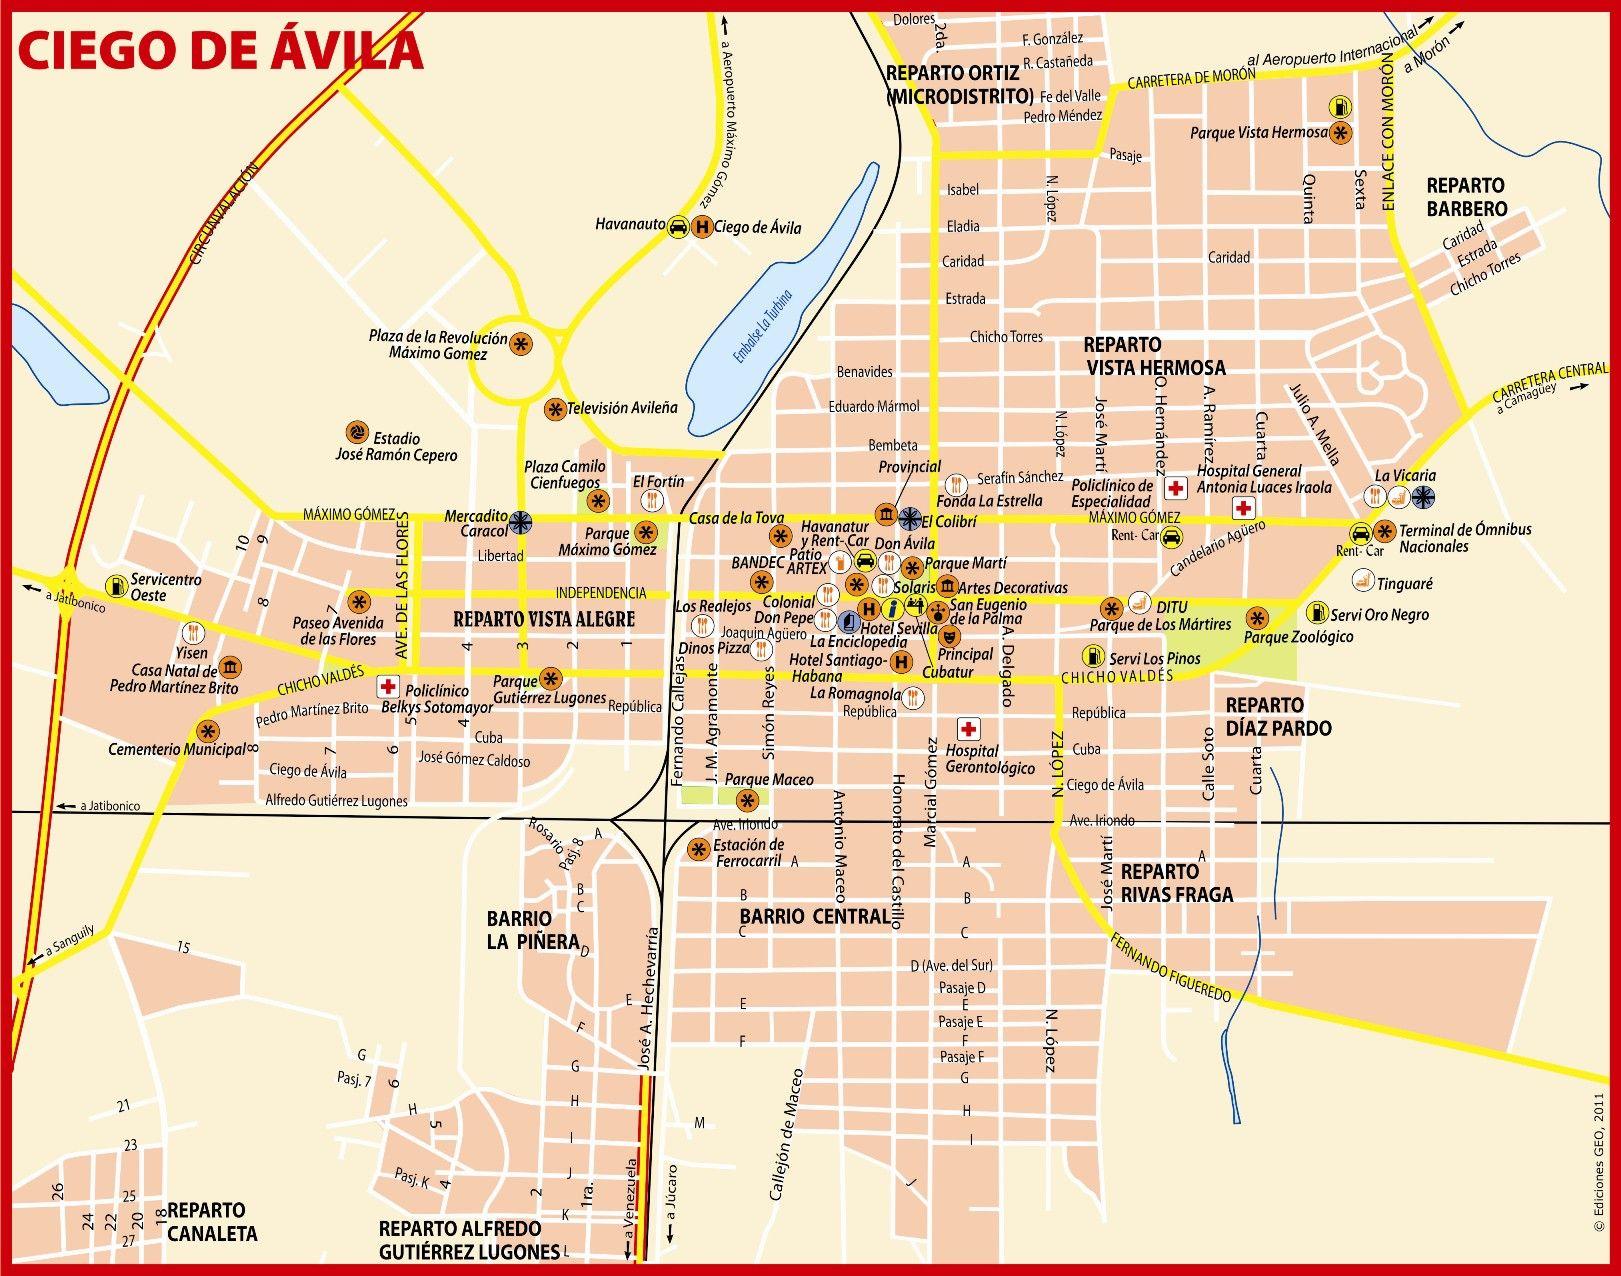 Mapa Turistico De Avila.Plano Ciego De Avila 2011 Cuba Mapa De Cuba Cuba Y La